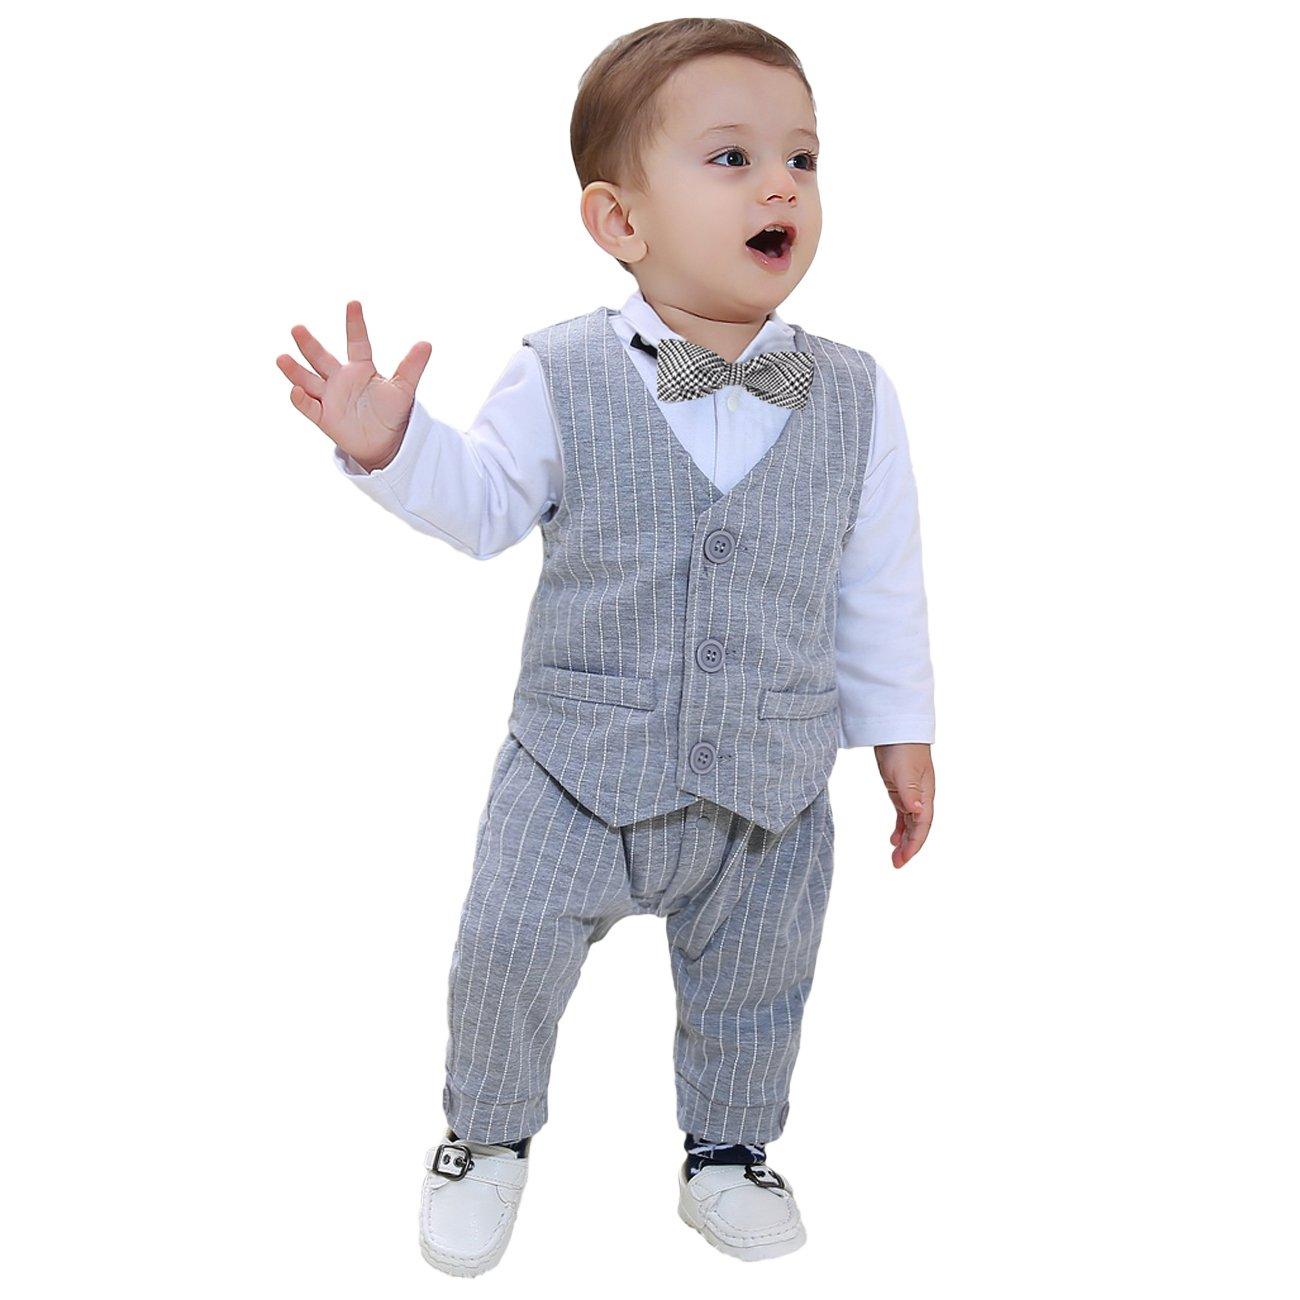 fd63db8d7 Amazon.com  ZOEREA Baby Boy Gentleman Rompers Striped Toddler Suit ...